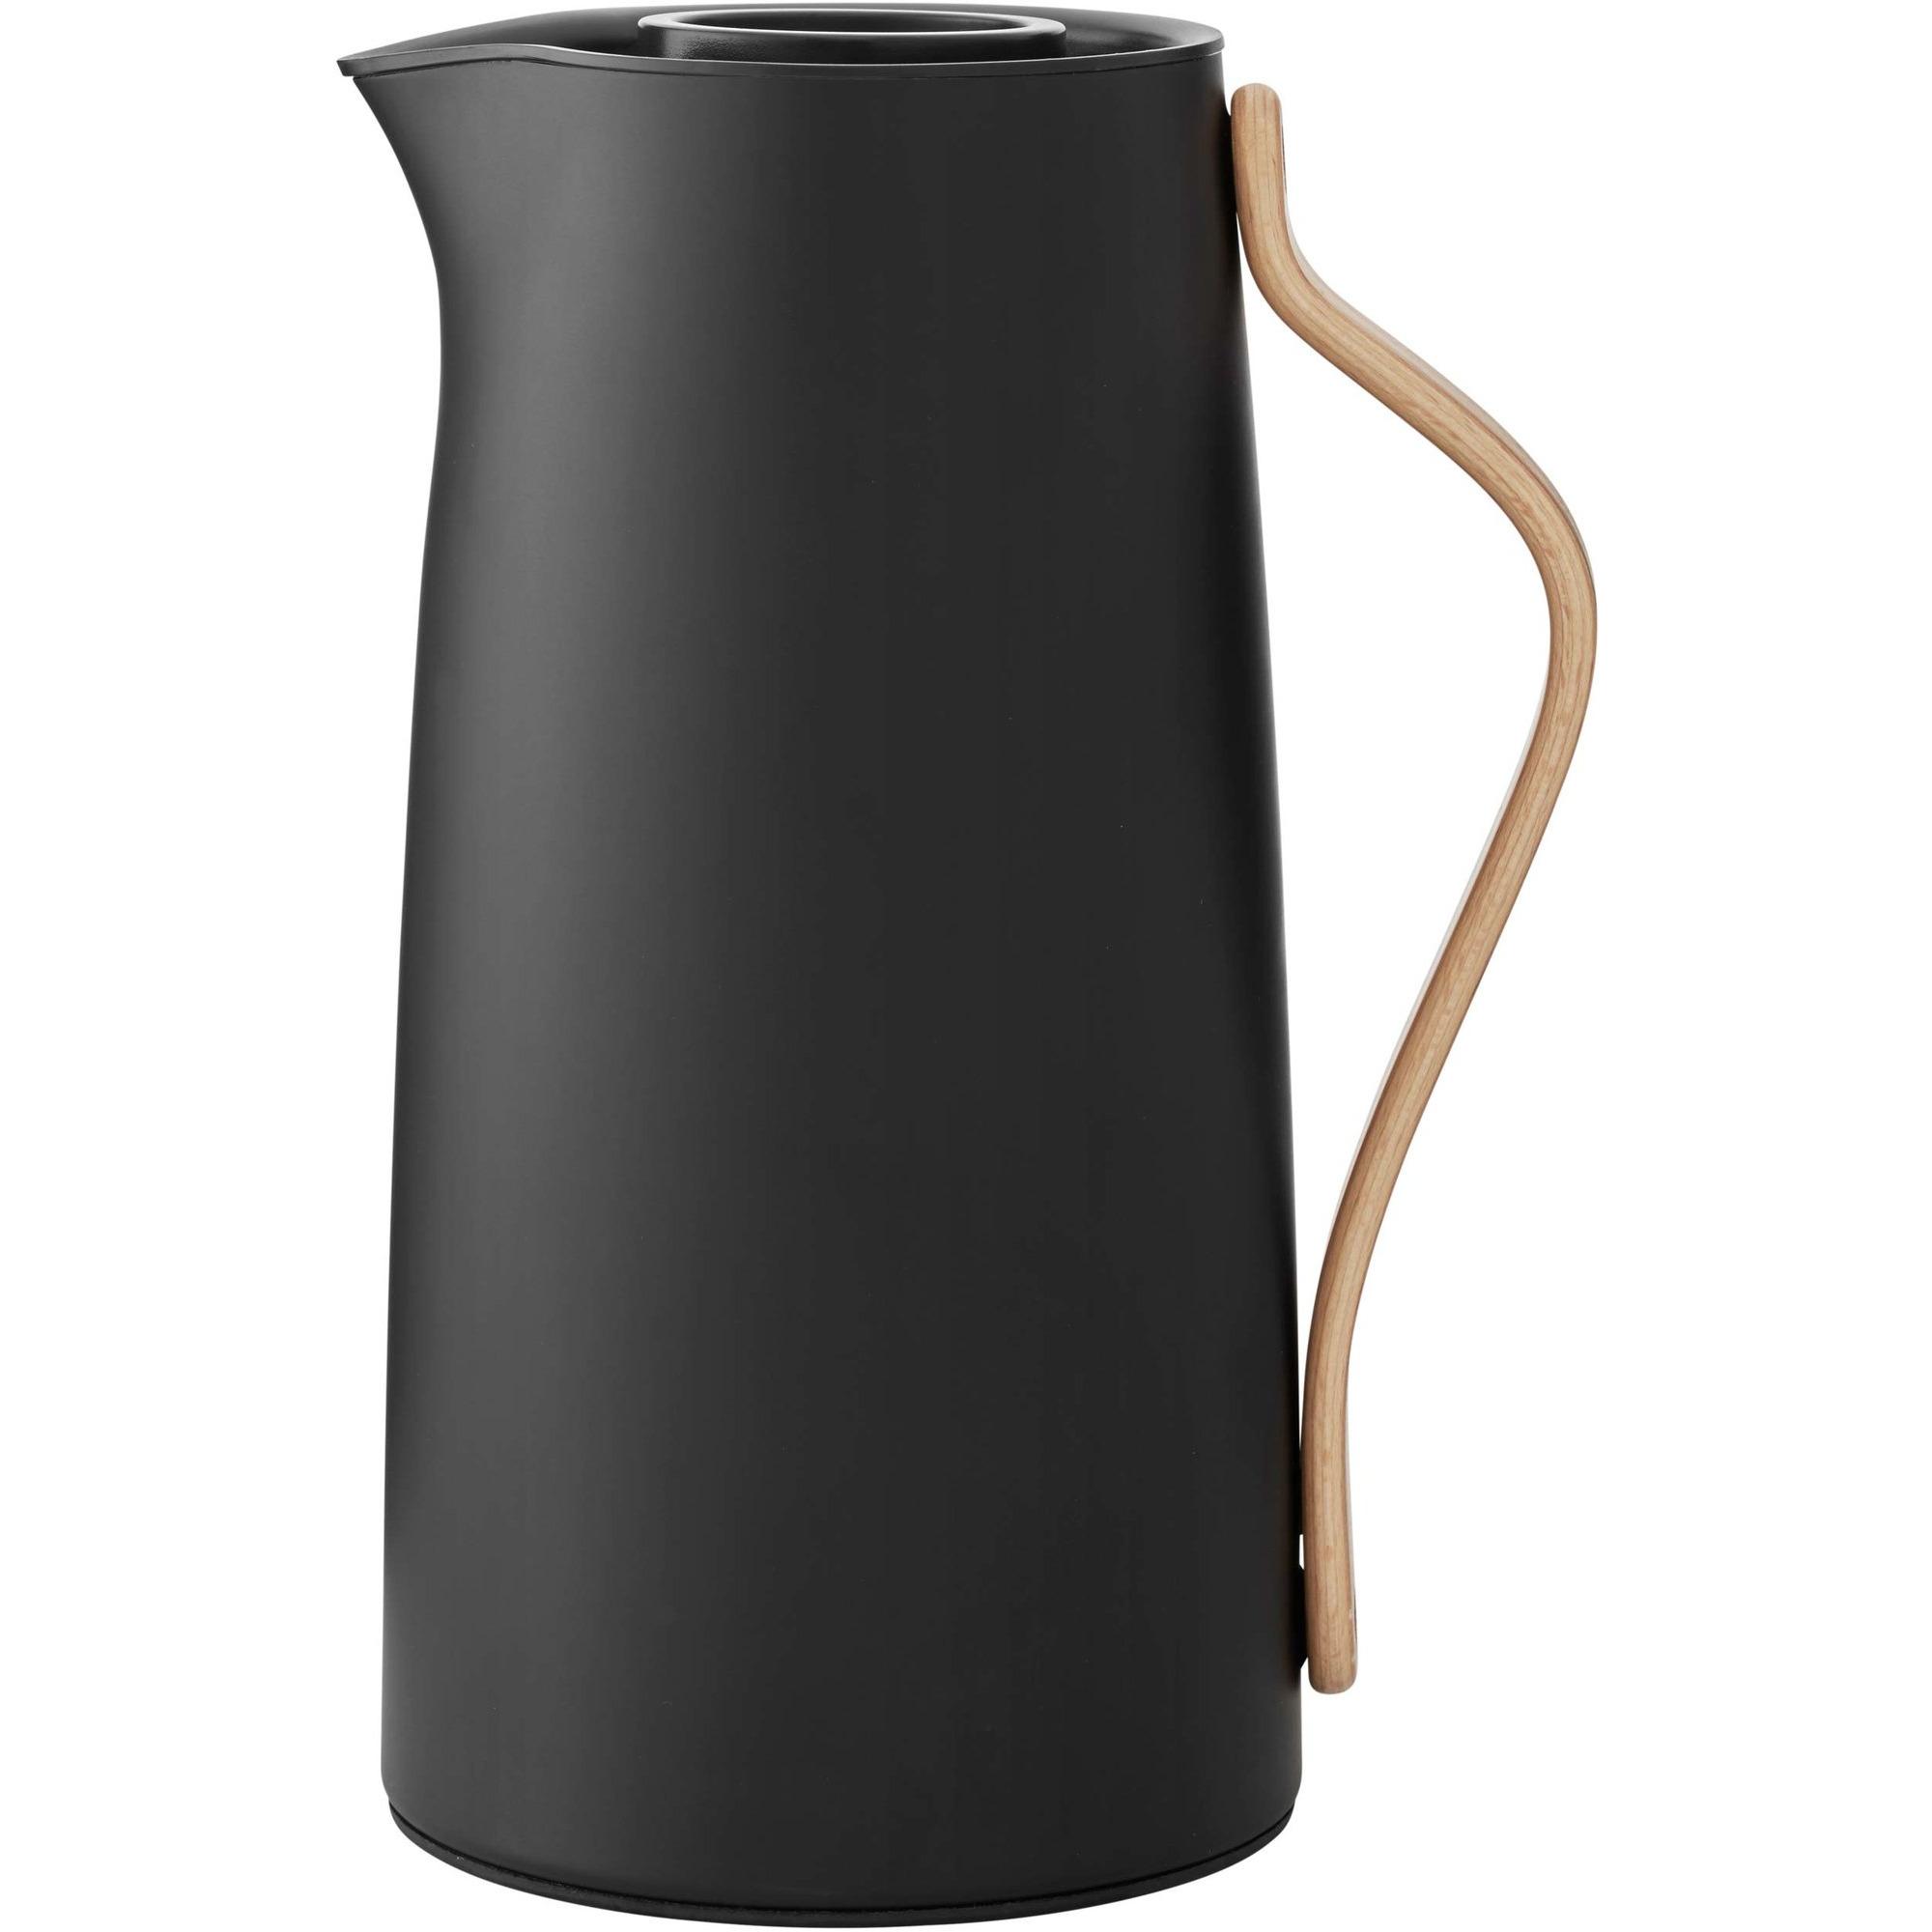 Stelton Emma Termoskanna Kaffe 12 l Matt svart